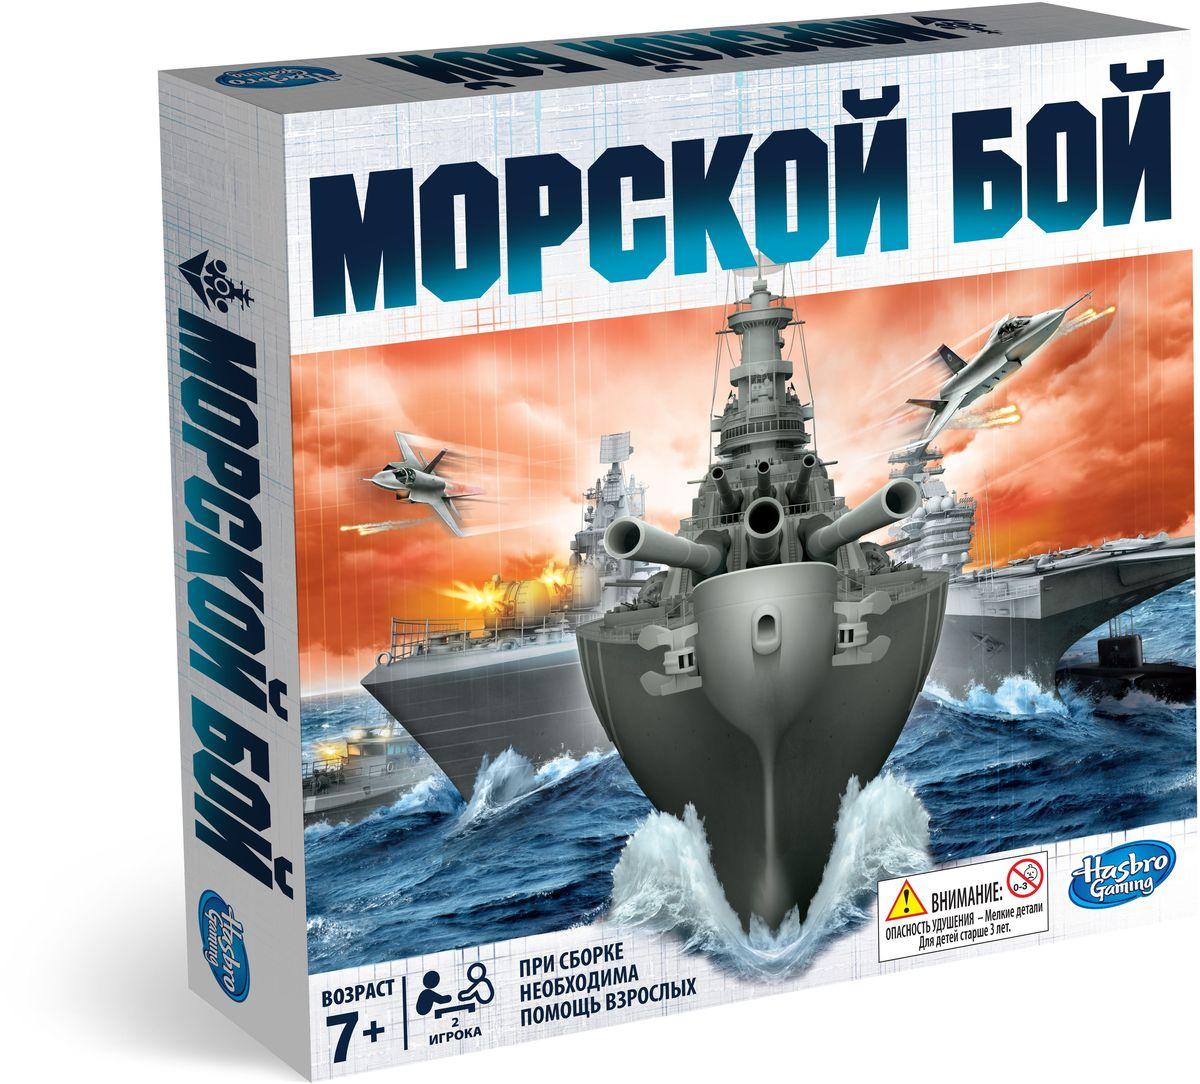 Hasbro Games Настольная игра Морской бой B1817121B1817121Настольная игра Hasbro Games Морской бой - это интересная и увлекательная игра, цель которой потопить флот врага прежде, чем это сделает он. Каждый игрок получает игровую платформу, на обеих сторонах которой расположены игровые поля с отверстиями для маленьких фишек: нижнее - карта океана для кораблей игрока, верхнее - карта координат противника. На собственных картах океана игроки размещают свои корабли. Как только корабли займут позиции и начнется игра, изменить положение своих кораблей будет нельзя. Игроки получают красные и белые фишки. Ими они будут отмечать собственные ходы и ходы противника, чтобы не запутаться. В ходе игры участники должны по очереди называть координаты кораблей противника с целью подбить или уничтожить его флот. Задача игрока - первым ликвидировать все корабли противника, в ходе игры мешая выиграть сопернику. Первый игрок называет координаты предполагаемого корабля противника согласно верхней карте координат, а другой проверяет на своем игровом...